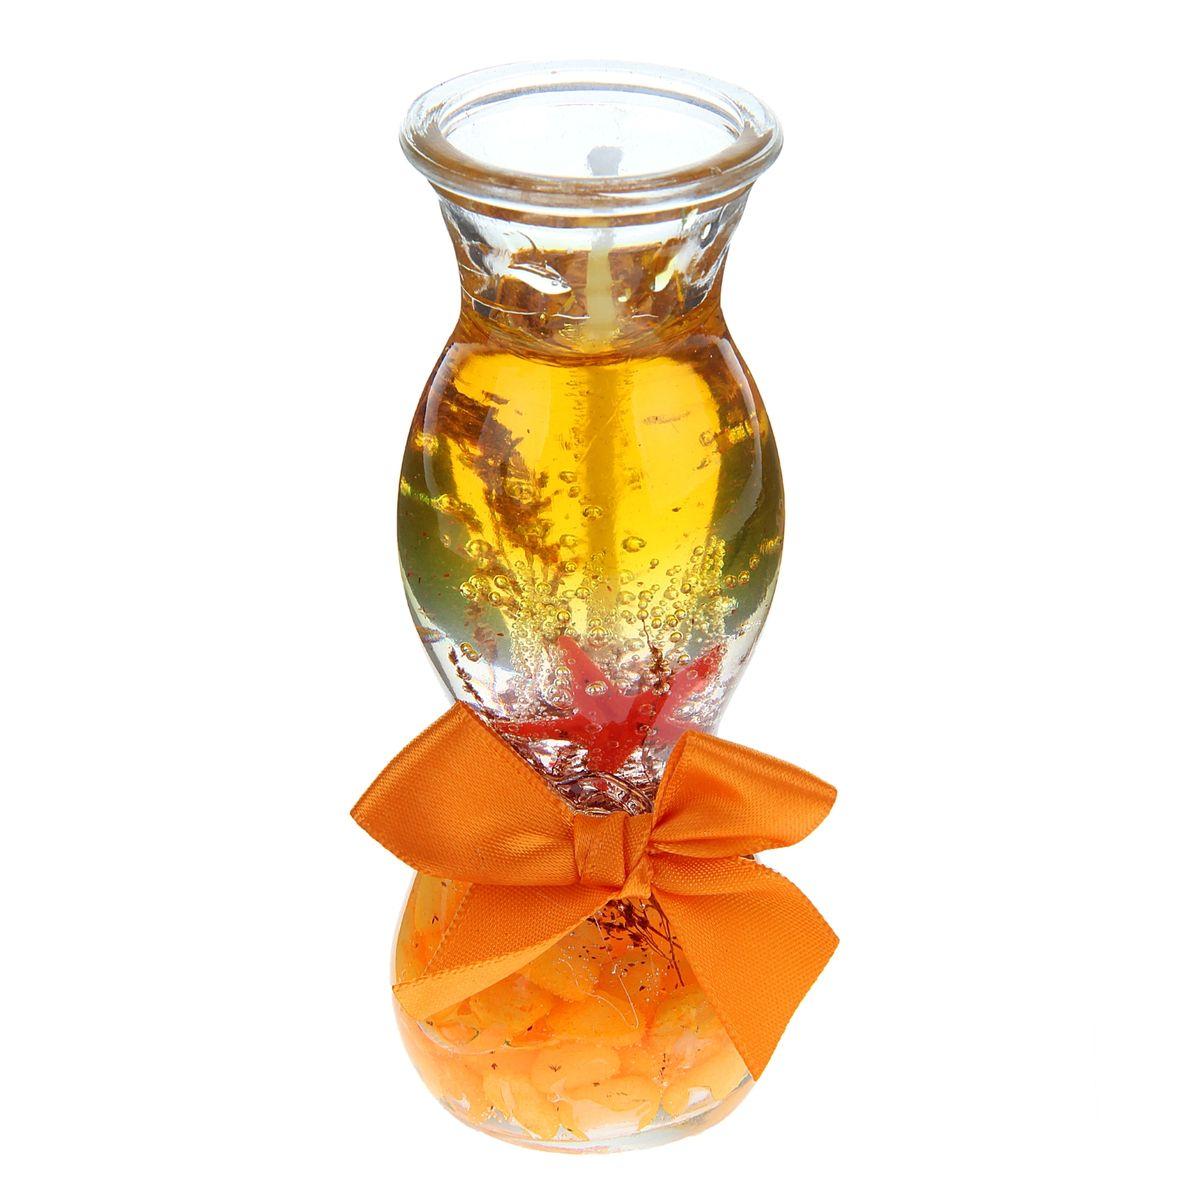 Свеча декоративная Sima-land Камушки, цвет: оранжевый, высота 11 см1029518Декоративная свеча Sima-land Камушки изготовлена из геля и поставляется в подсвечнике в виде стеклянной вазочки оригинальной формы. Изделие оформлено камушками, морской звездой и текстильным бантом. Такая свеча может стать отличным подарком или дополнить интерьер вашей комнаты.